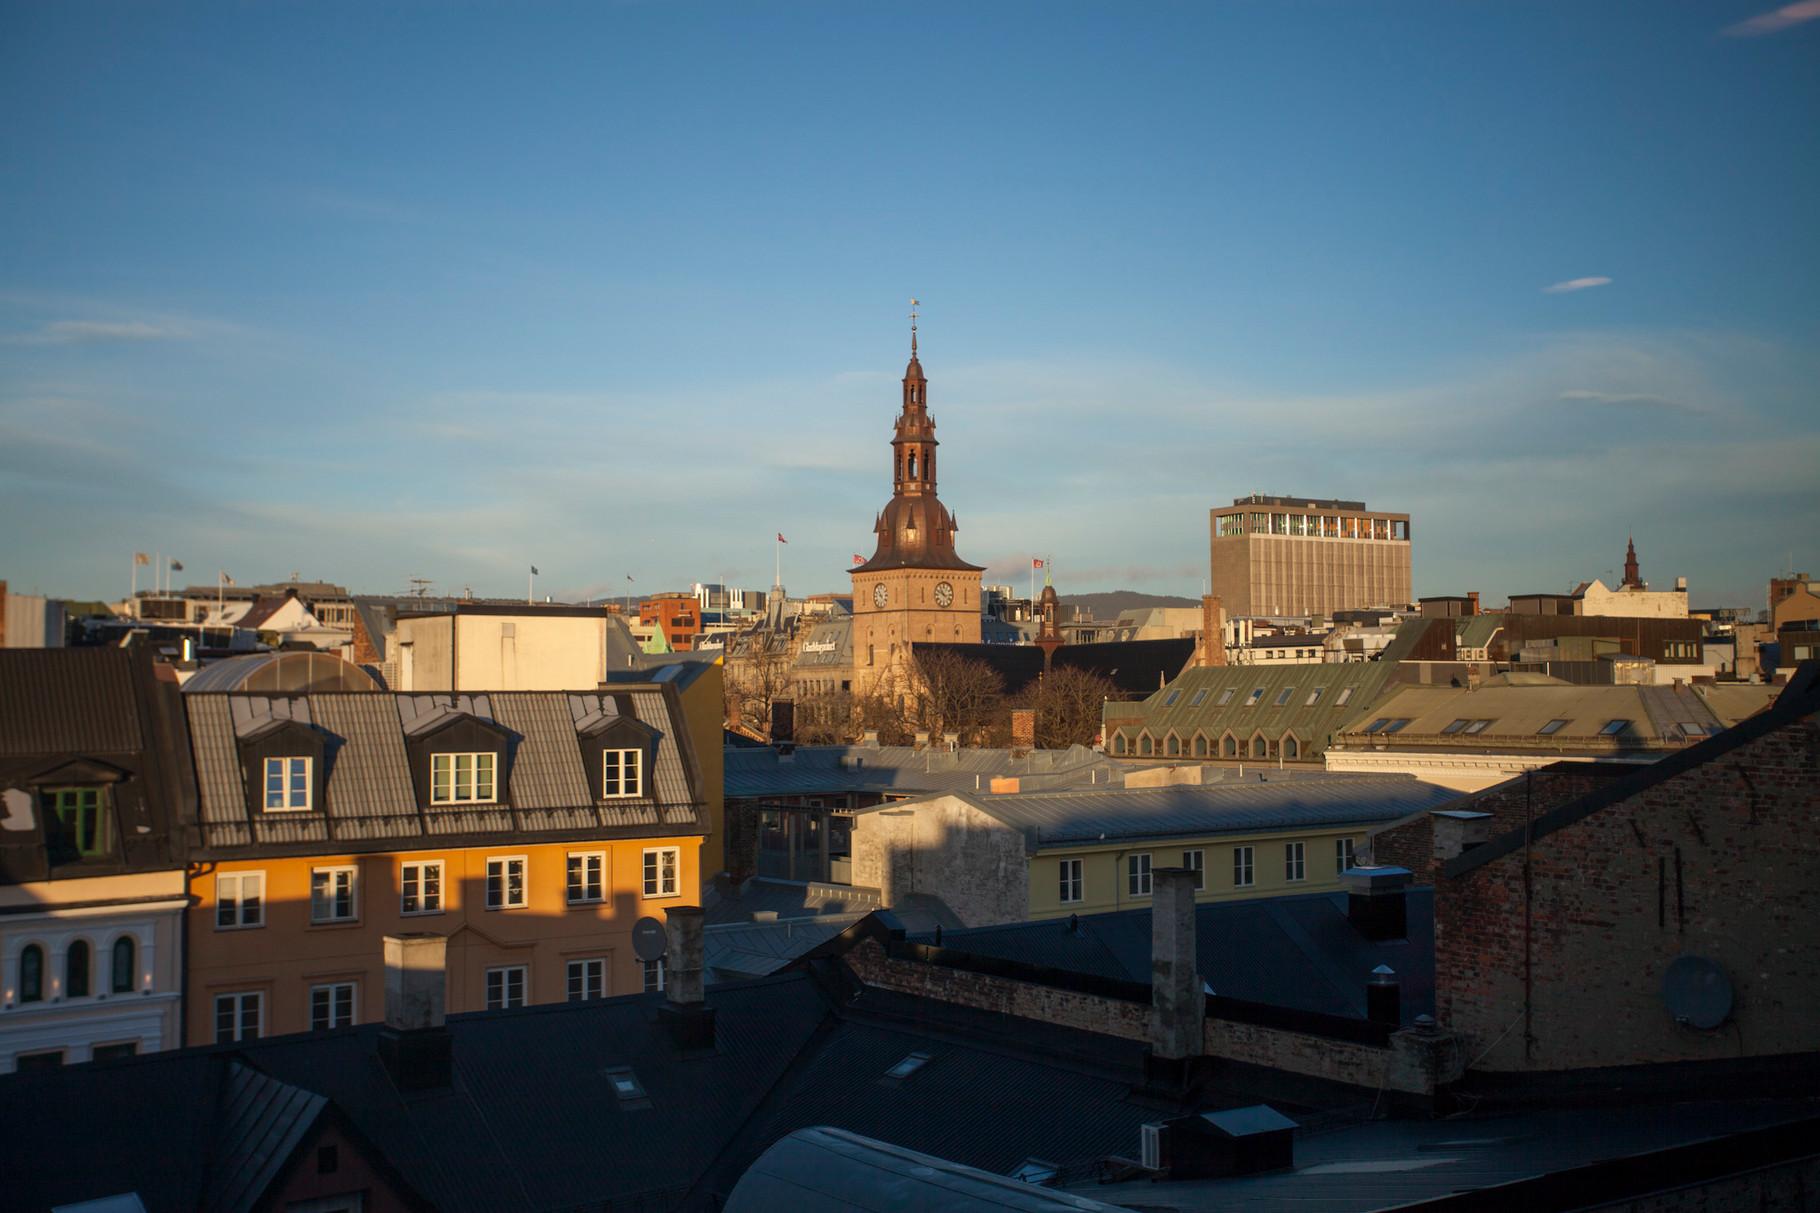 Vue sur la Cathédrale d'Oslo